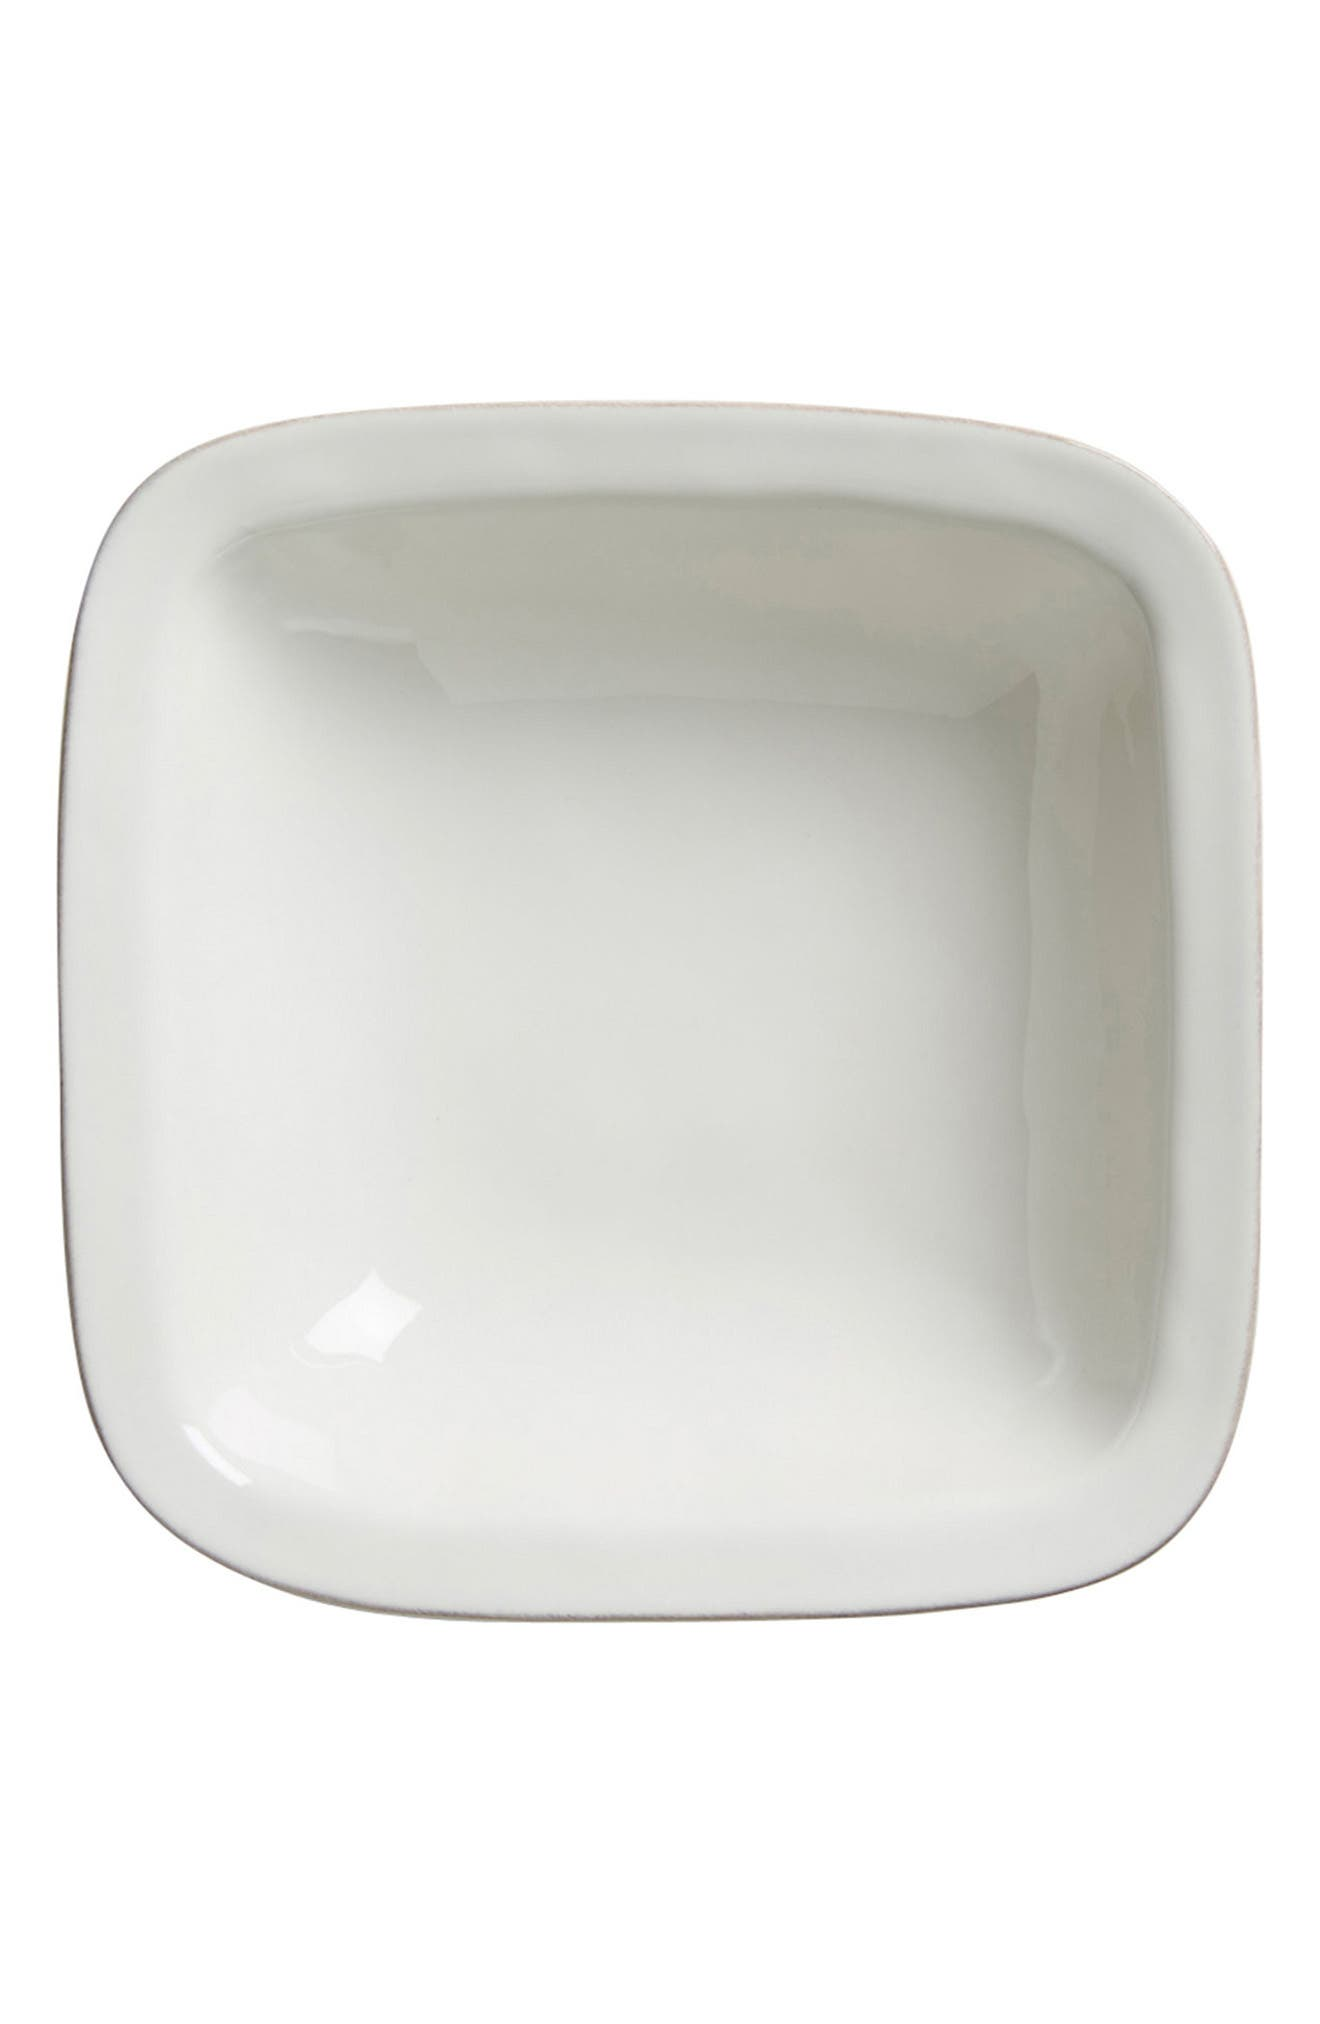 Alternate Image 1 Selected - Juliska Puro Ceramic Serving Bowl